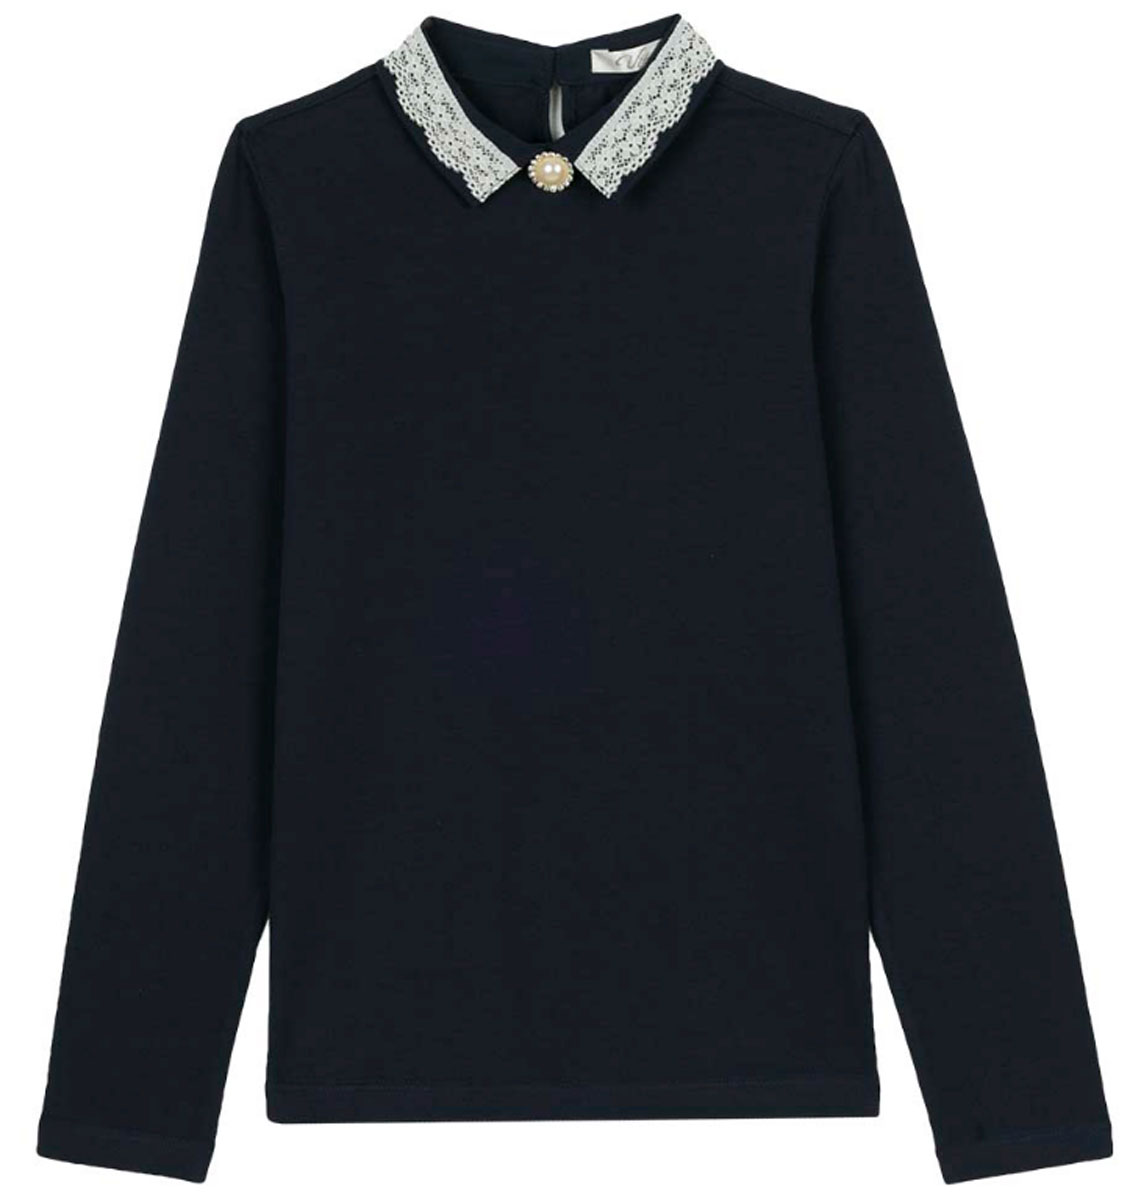 Блузка для девочек Vitacci, цвет: синий. 2173204-04. Размер 1462173204-04Классическая школьная блузка для девочки